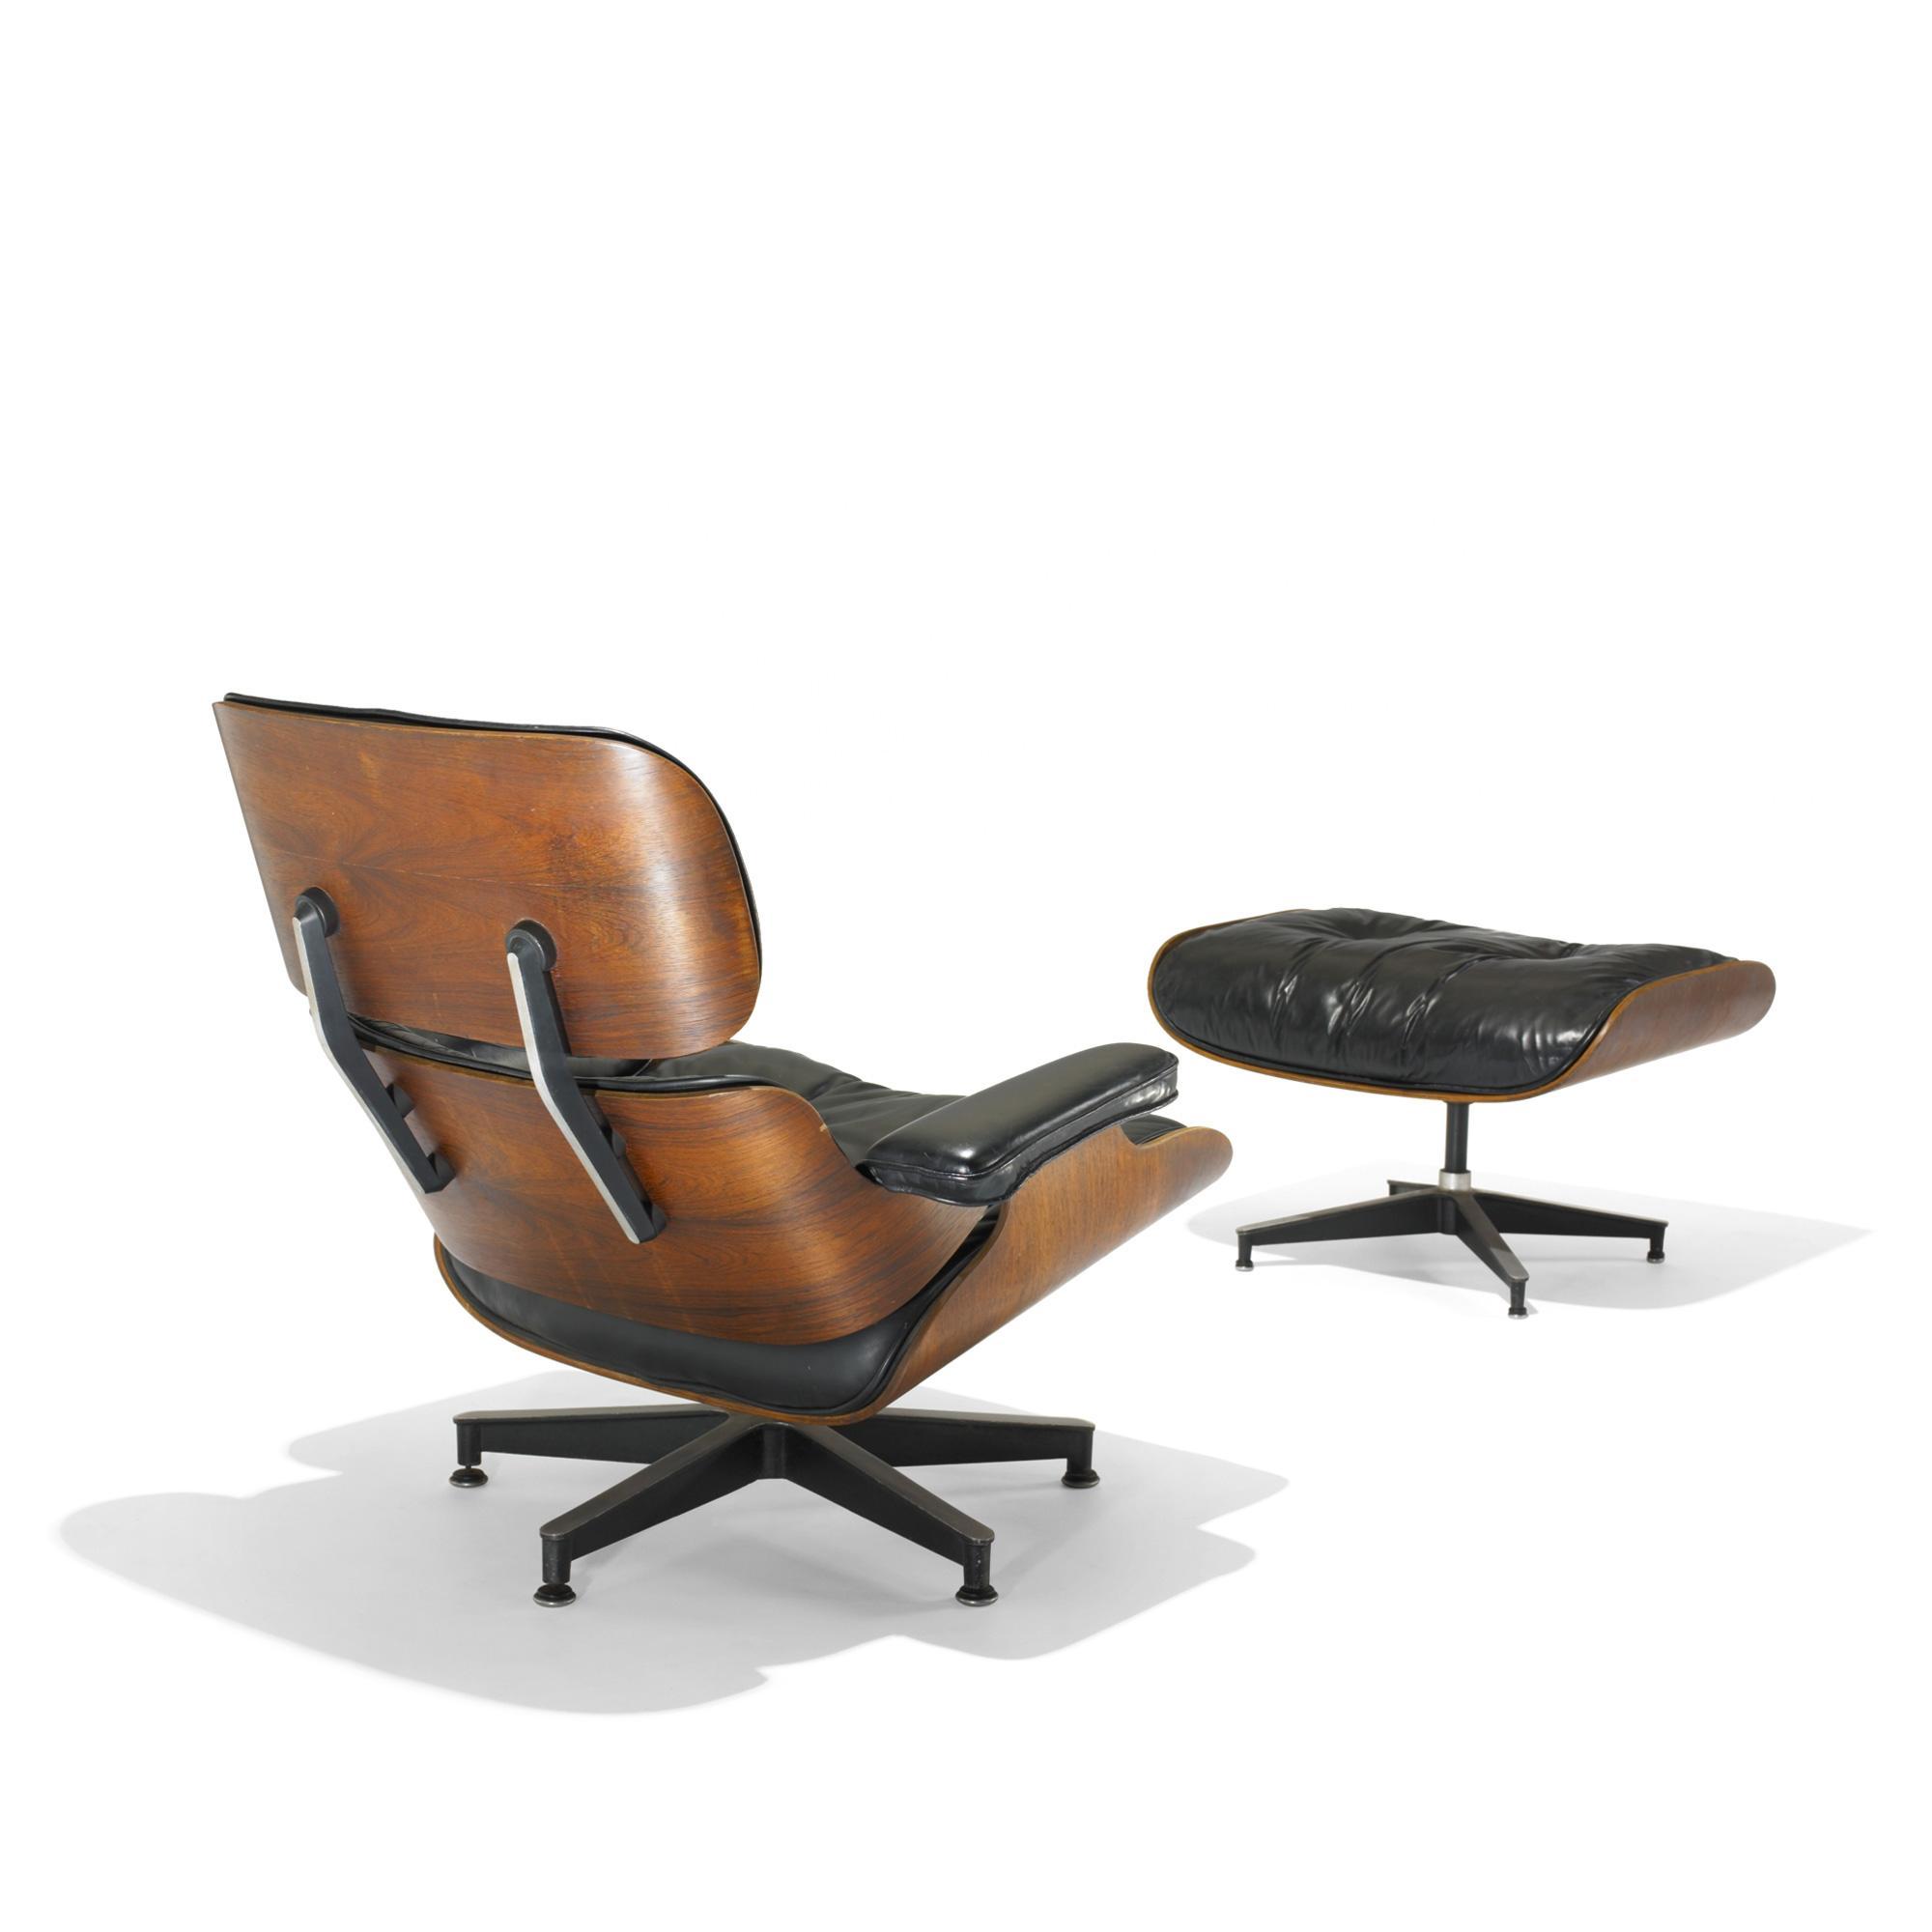 Incroyable Image 1 : Charles And Ray Eames 670 Lounge Chair And 671 Ottoman ...